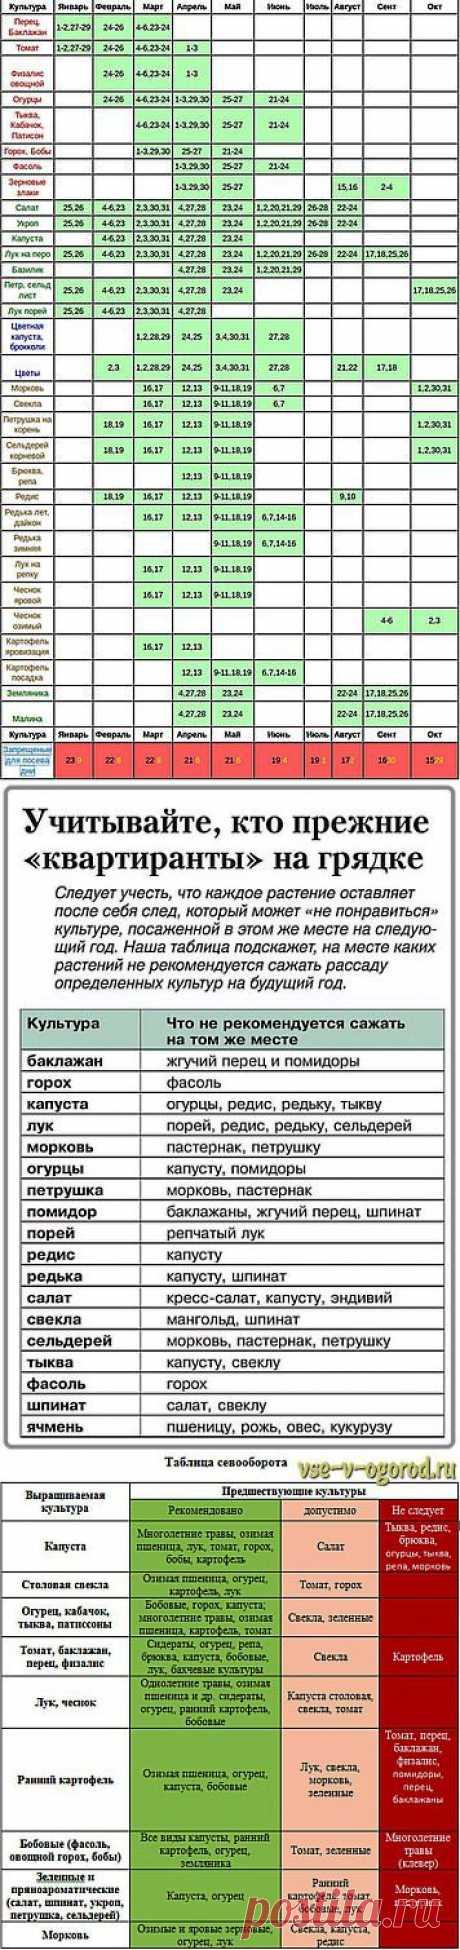 ТРИ ПОЛЕЗНЫХ ТАБЛИЦЫ ДЛЯ ОГОРОДНИКОВ.